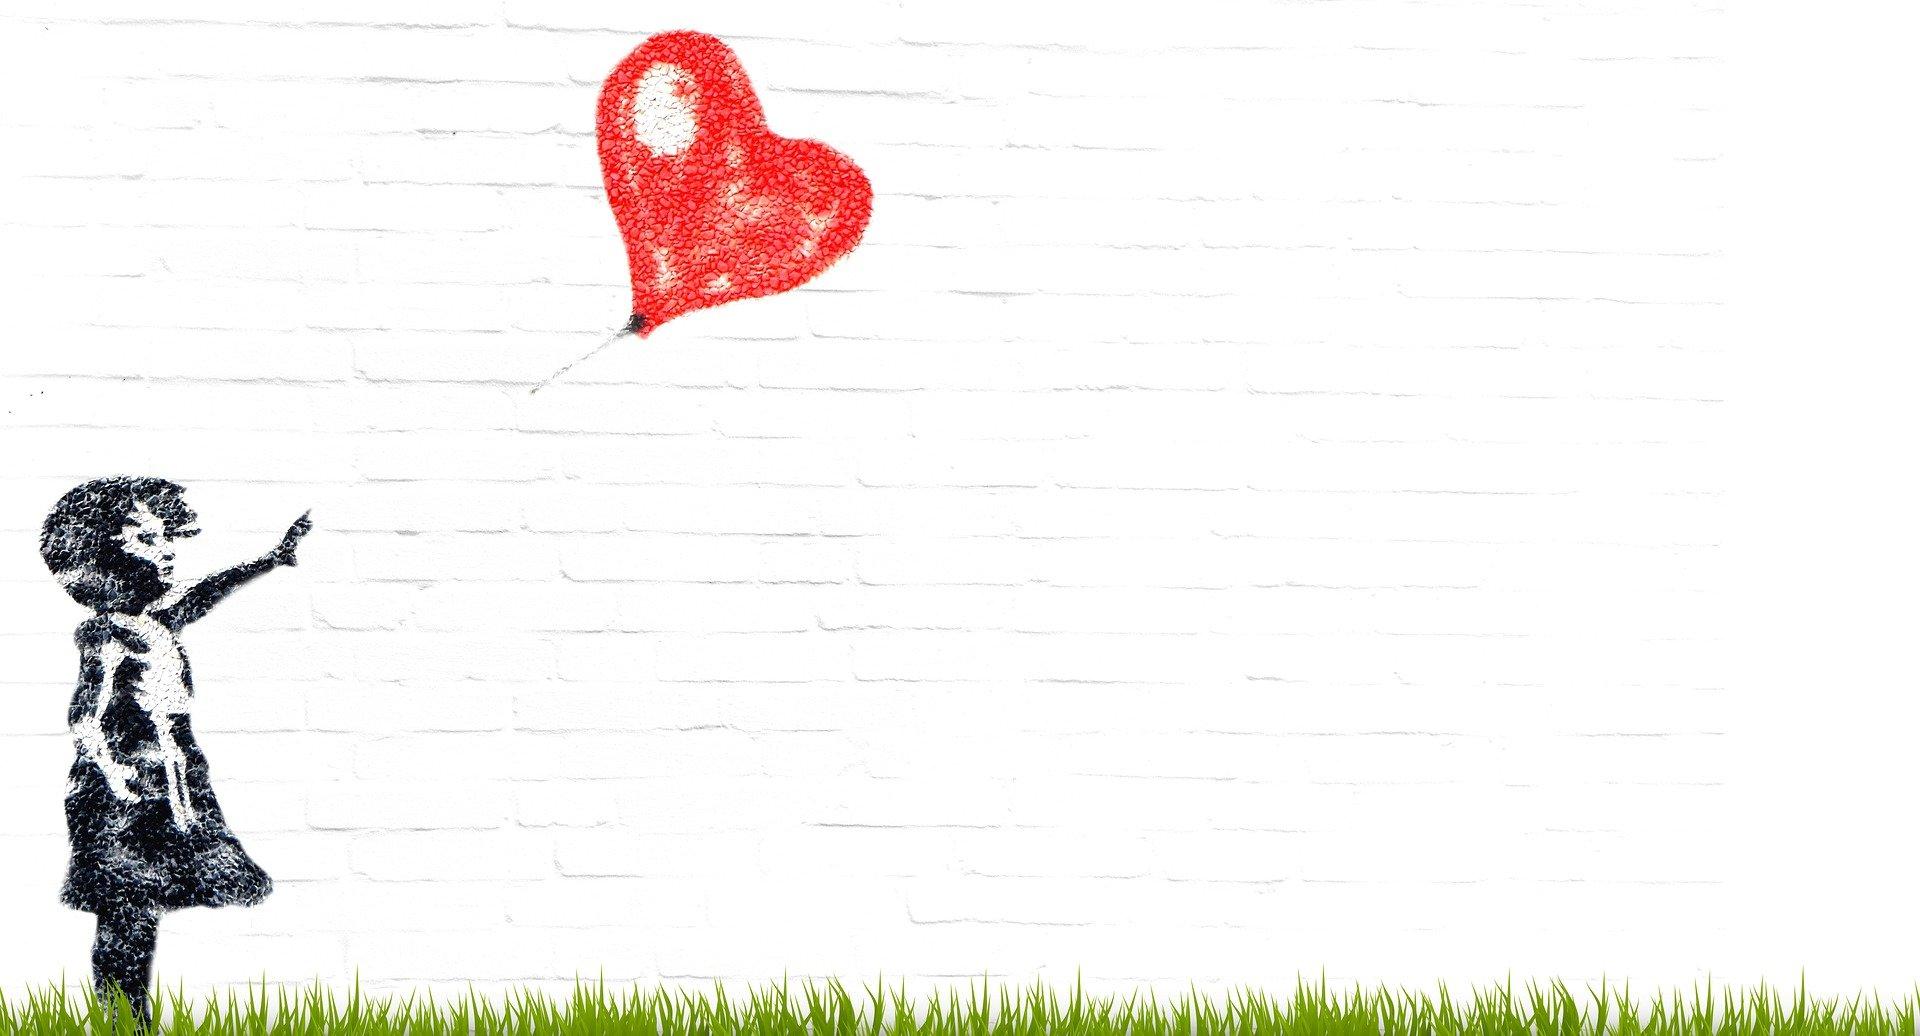 Girl Heart Graffiti